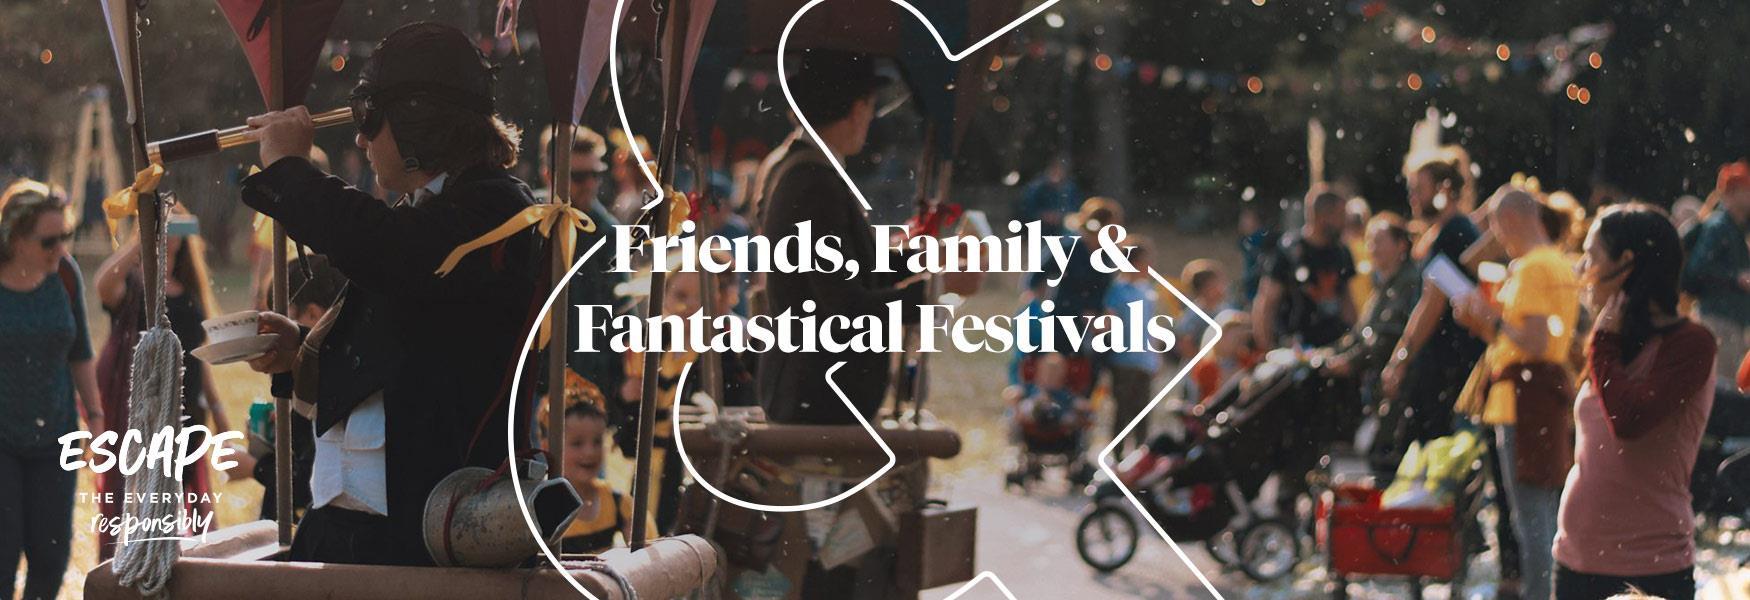 Festivals in Chster & Cheshire. Photo Credit: Wild Rumpus